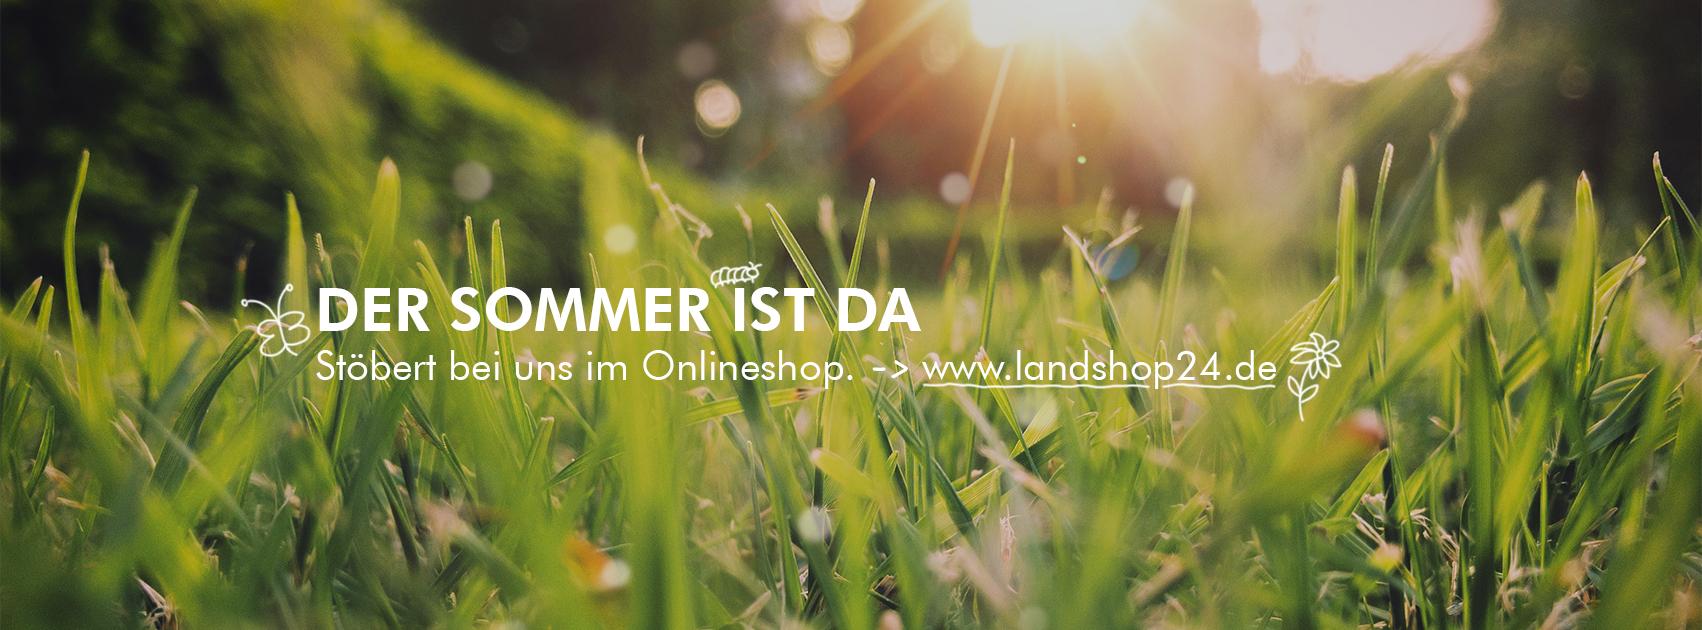 Landshop24